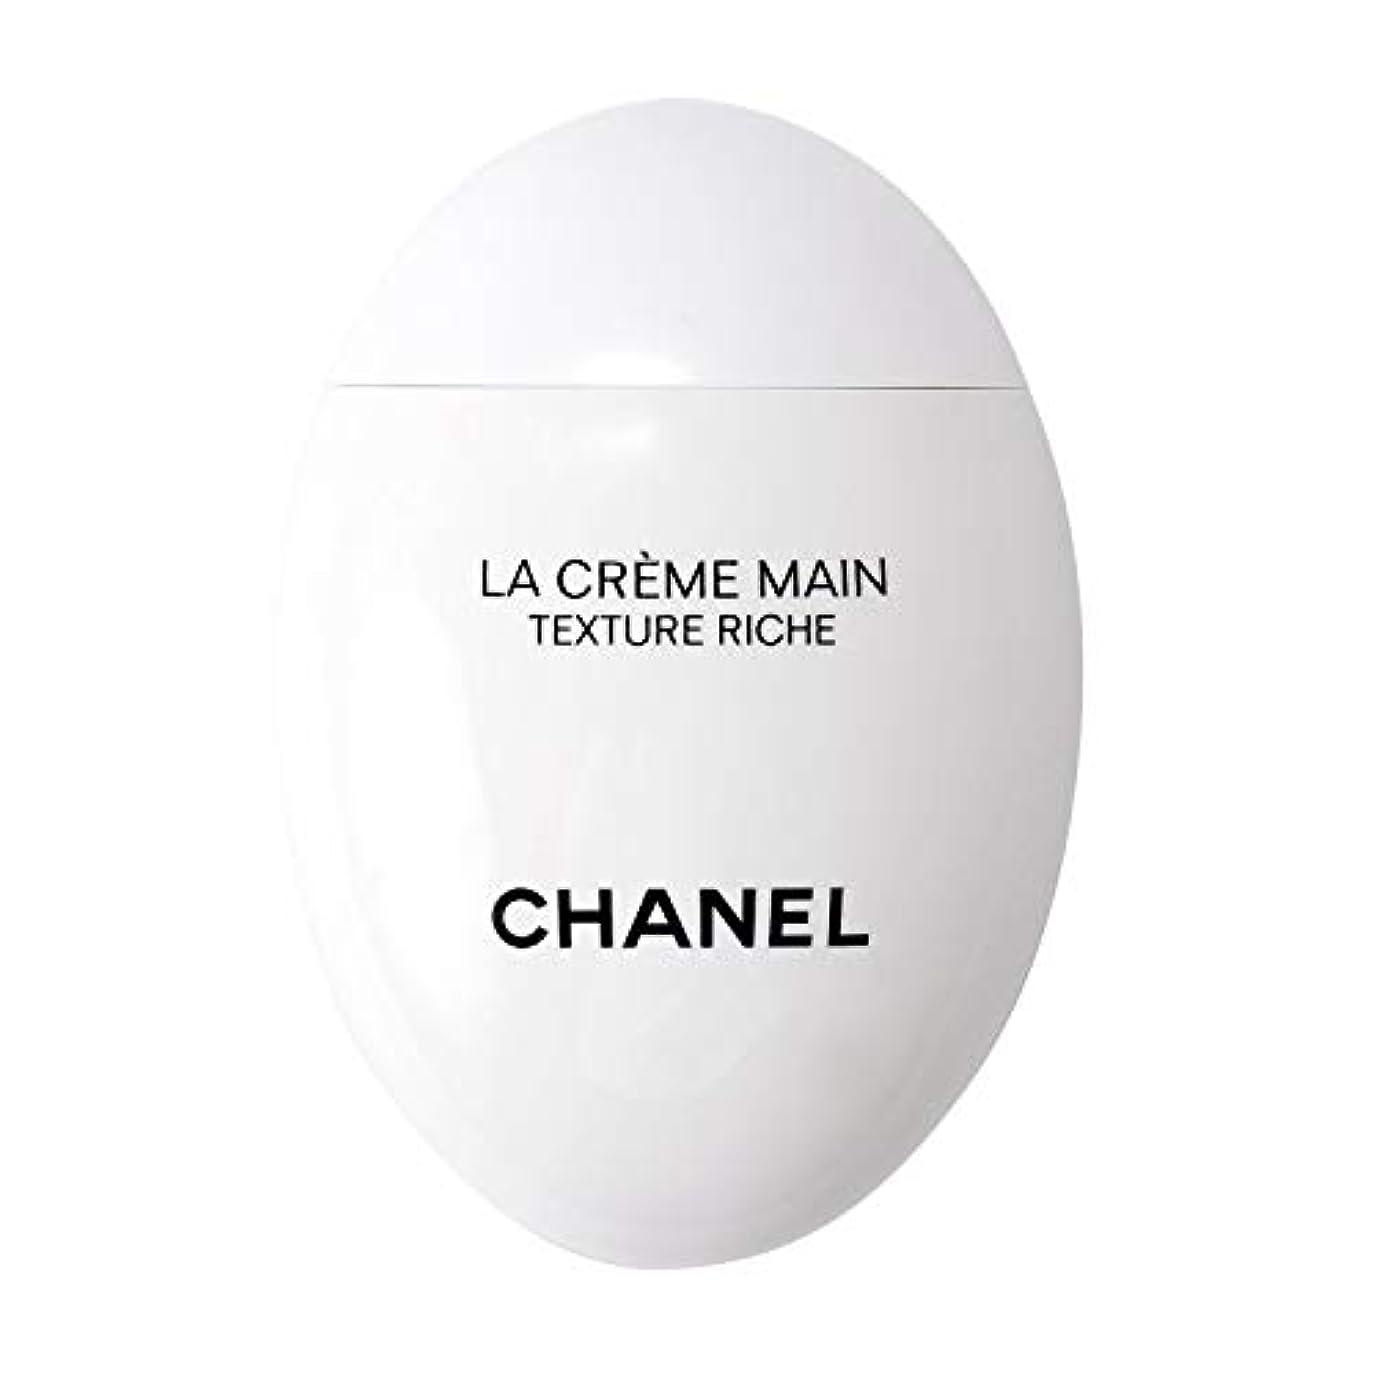 ペルソナキノコ警告する[ギフトラッピング] シャネル CHANEL ハンドクリーム 50ml ラ クレーム マン ショップバッグ付き (50ml)